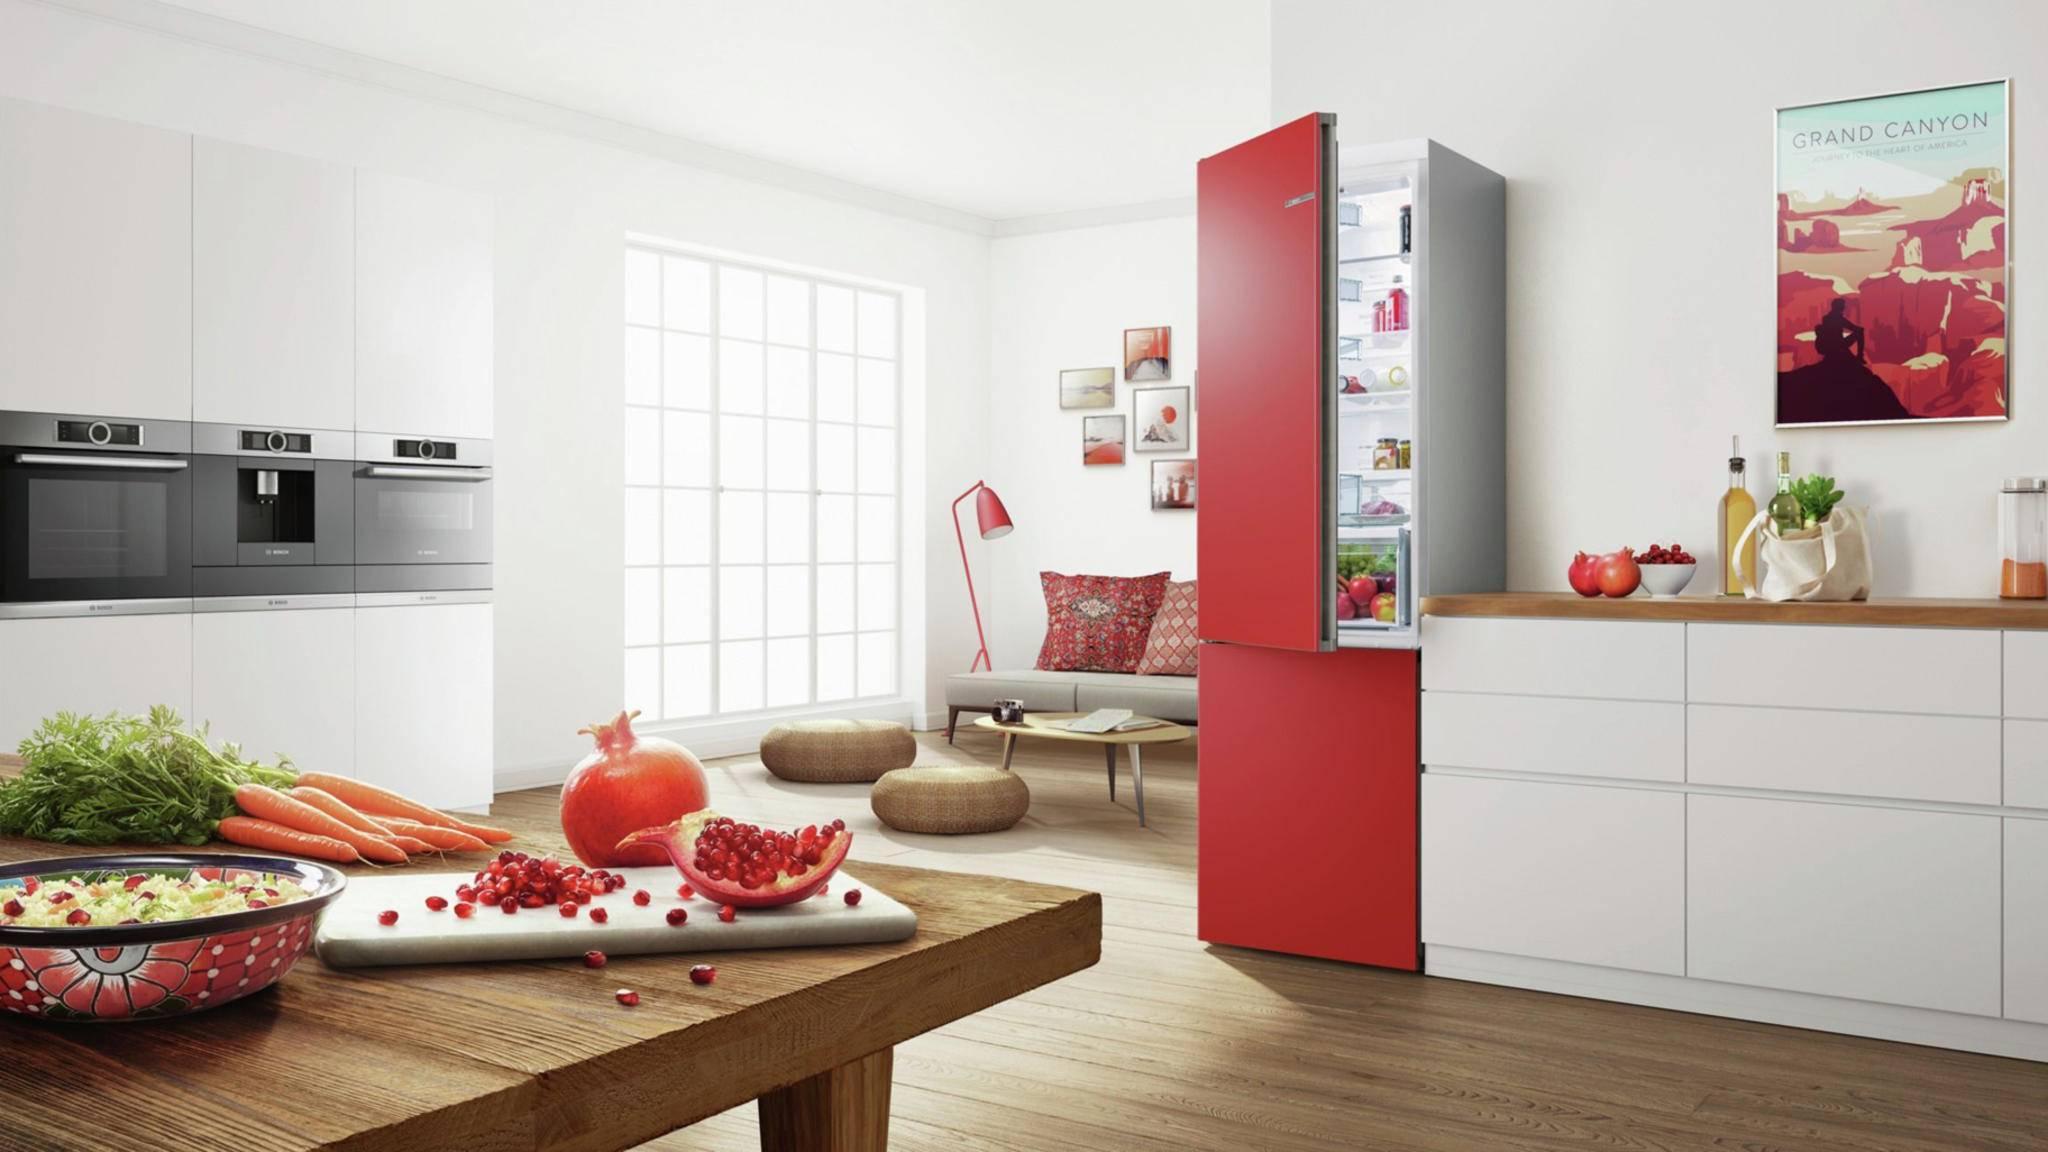 Smeg Kühlschrank Dolce Gabbana Preis : Küchengeräte werden stylish u2013 doch das hat nicht nur vorteile